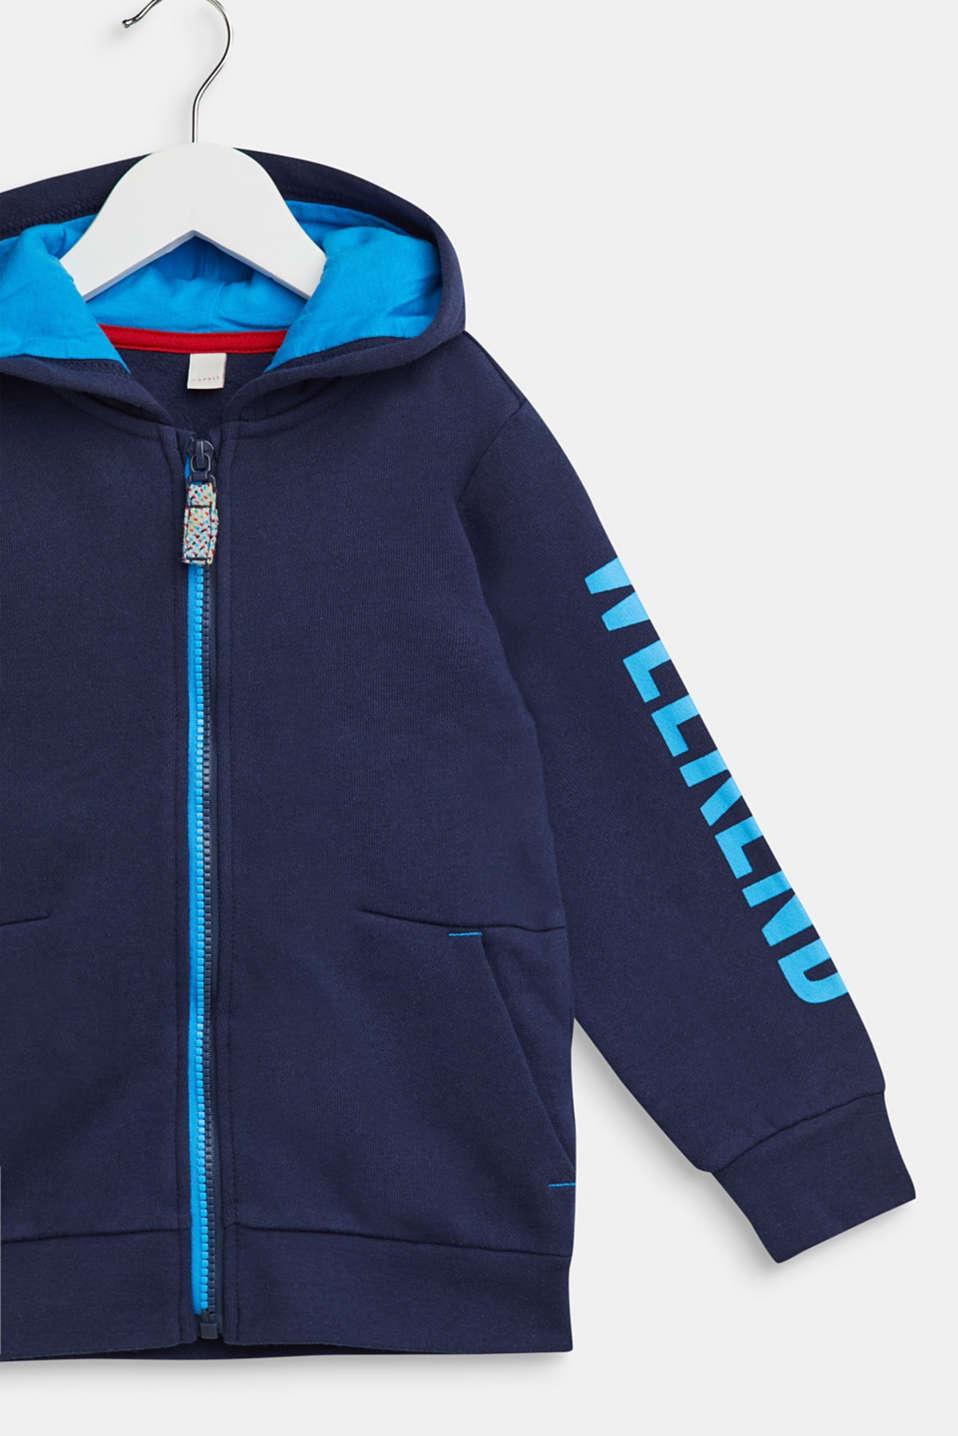 Fashion Cardigan, NAVY, detail image number 2